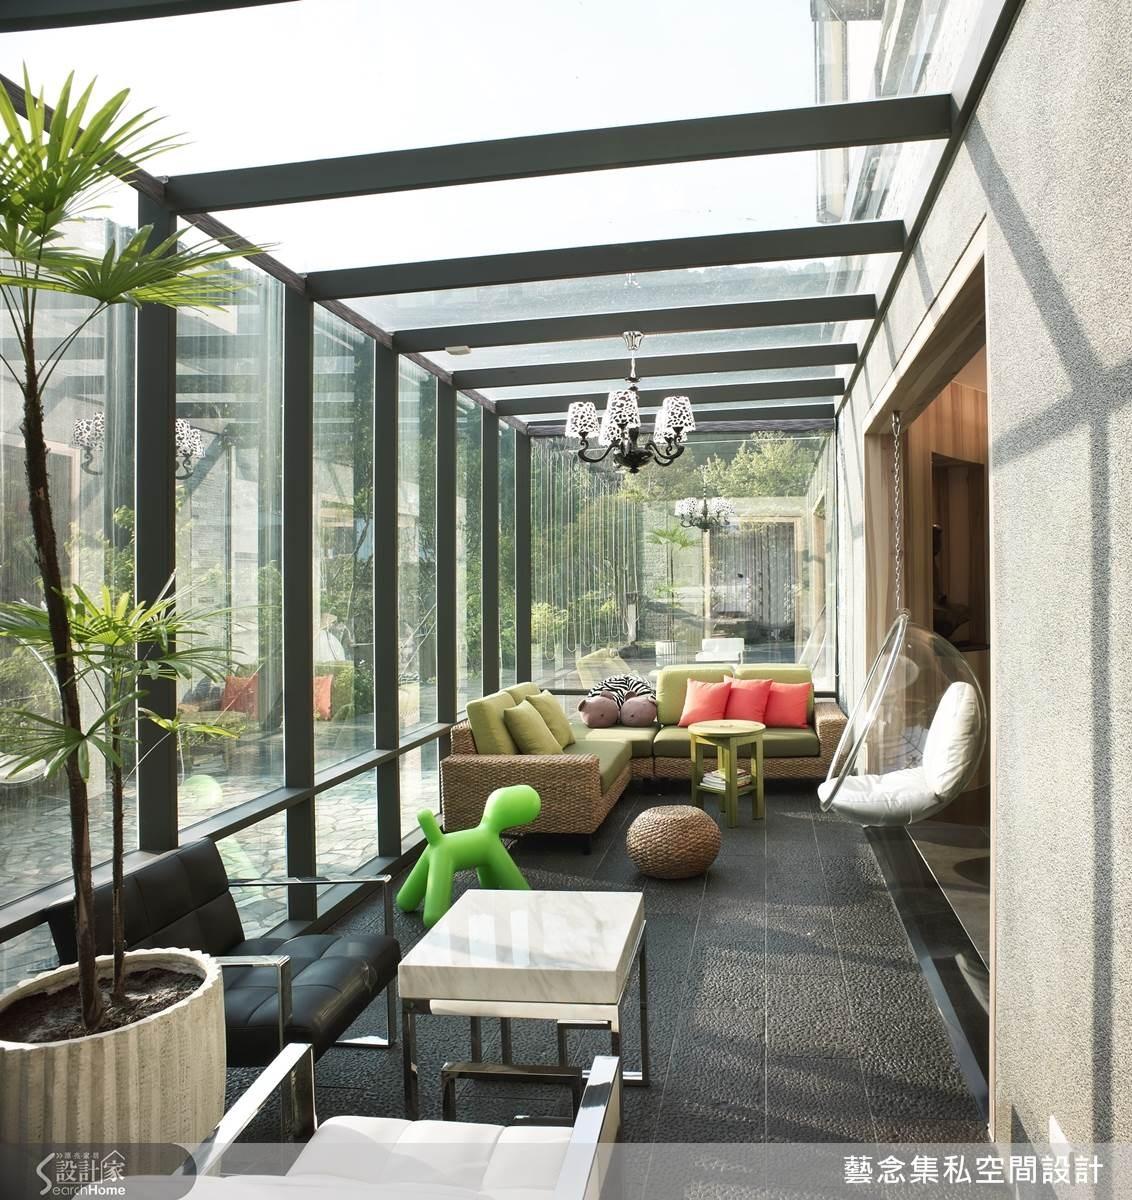 採玻璃屋的概念,再搭配球形吊椅,型塑悠閒的度假氛圍。